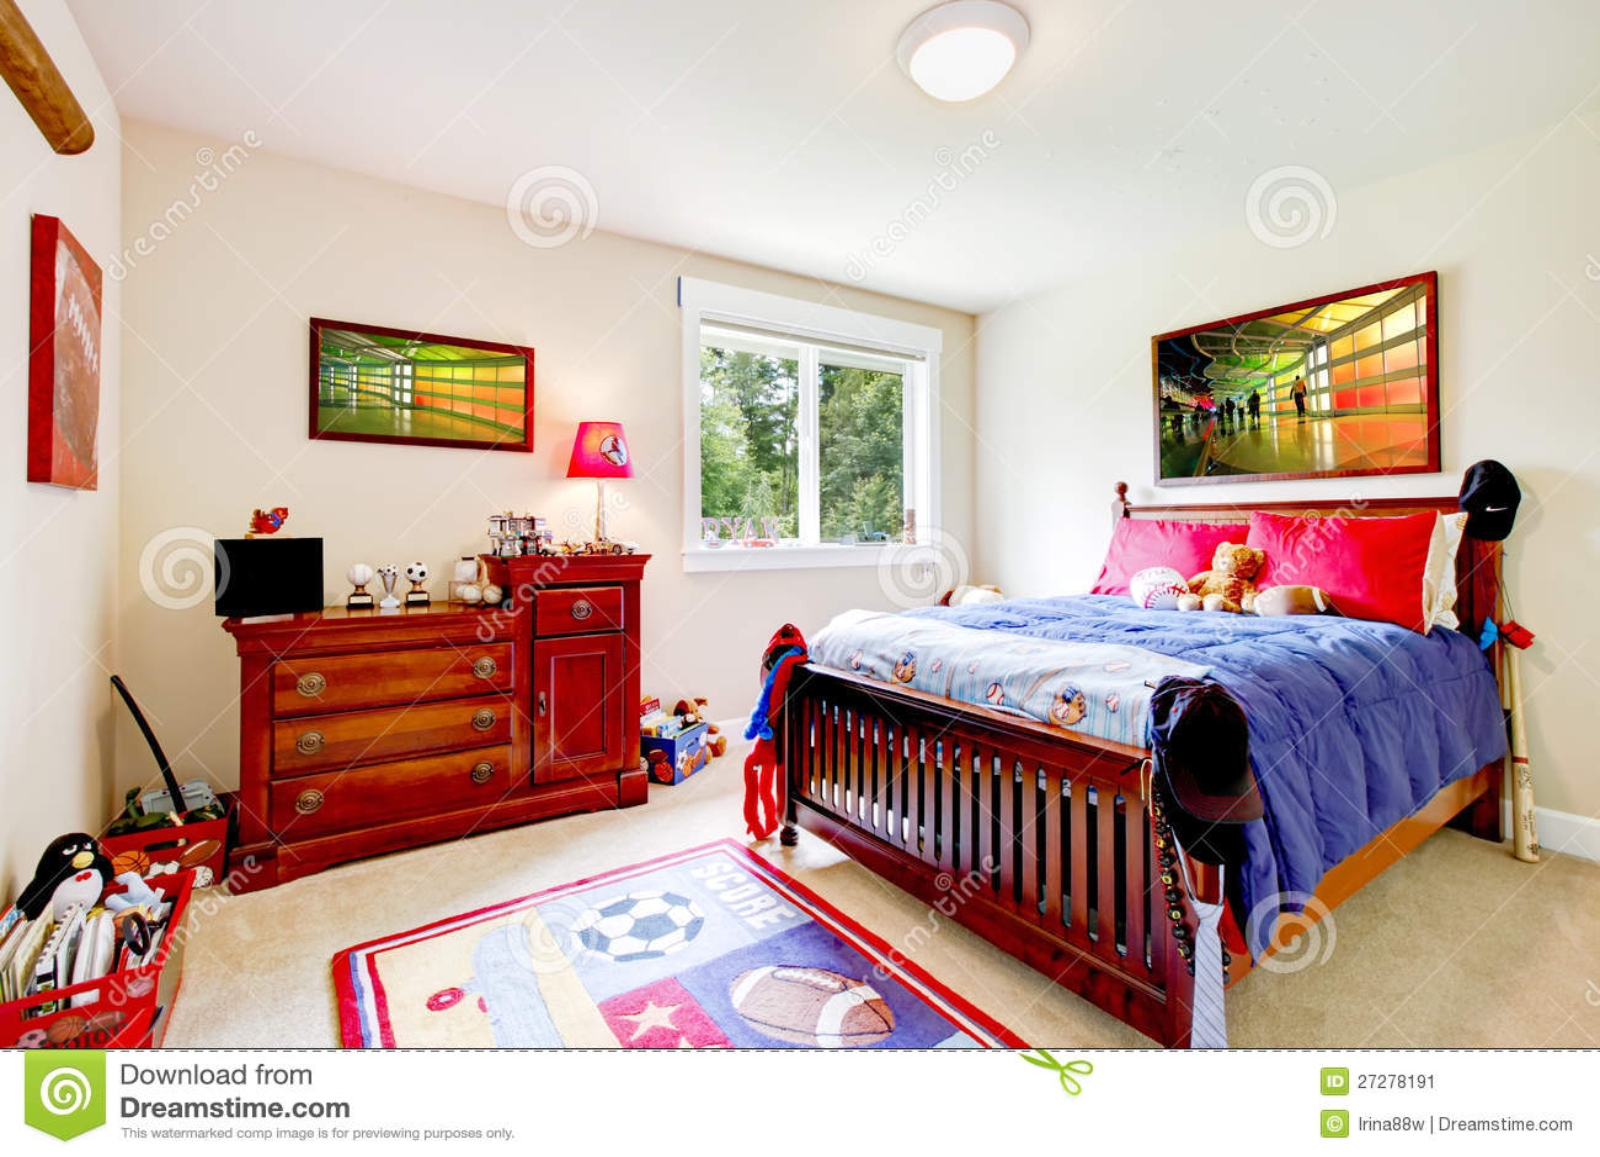 Baby-Schlafzimmer Mit Hölzernen Möbeln Stockbild - Bild von inside ...